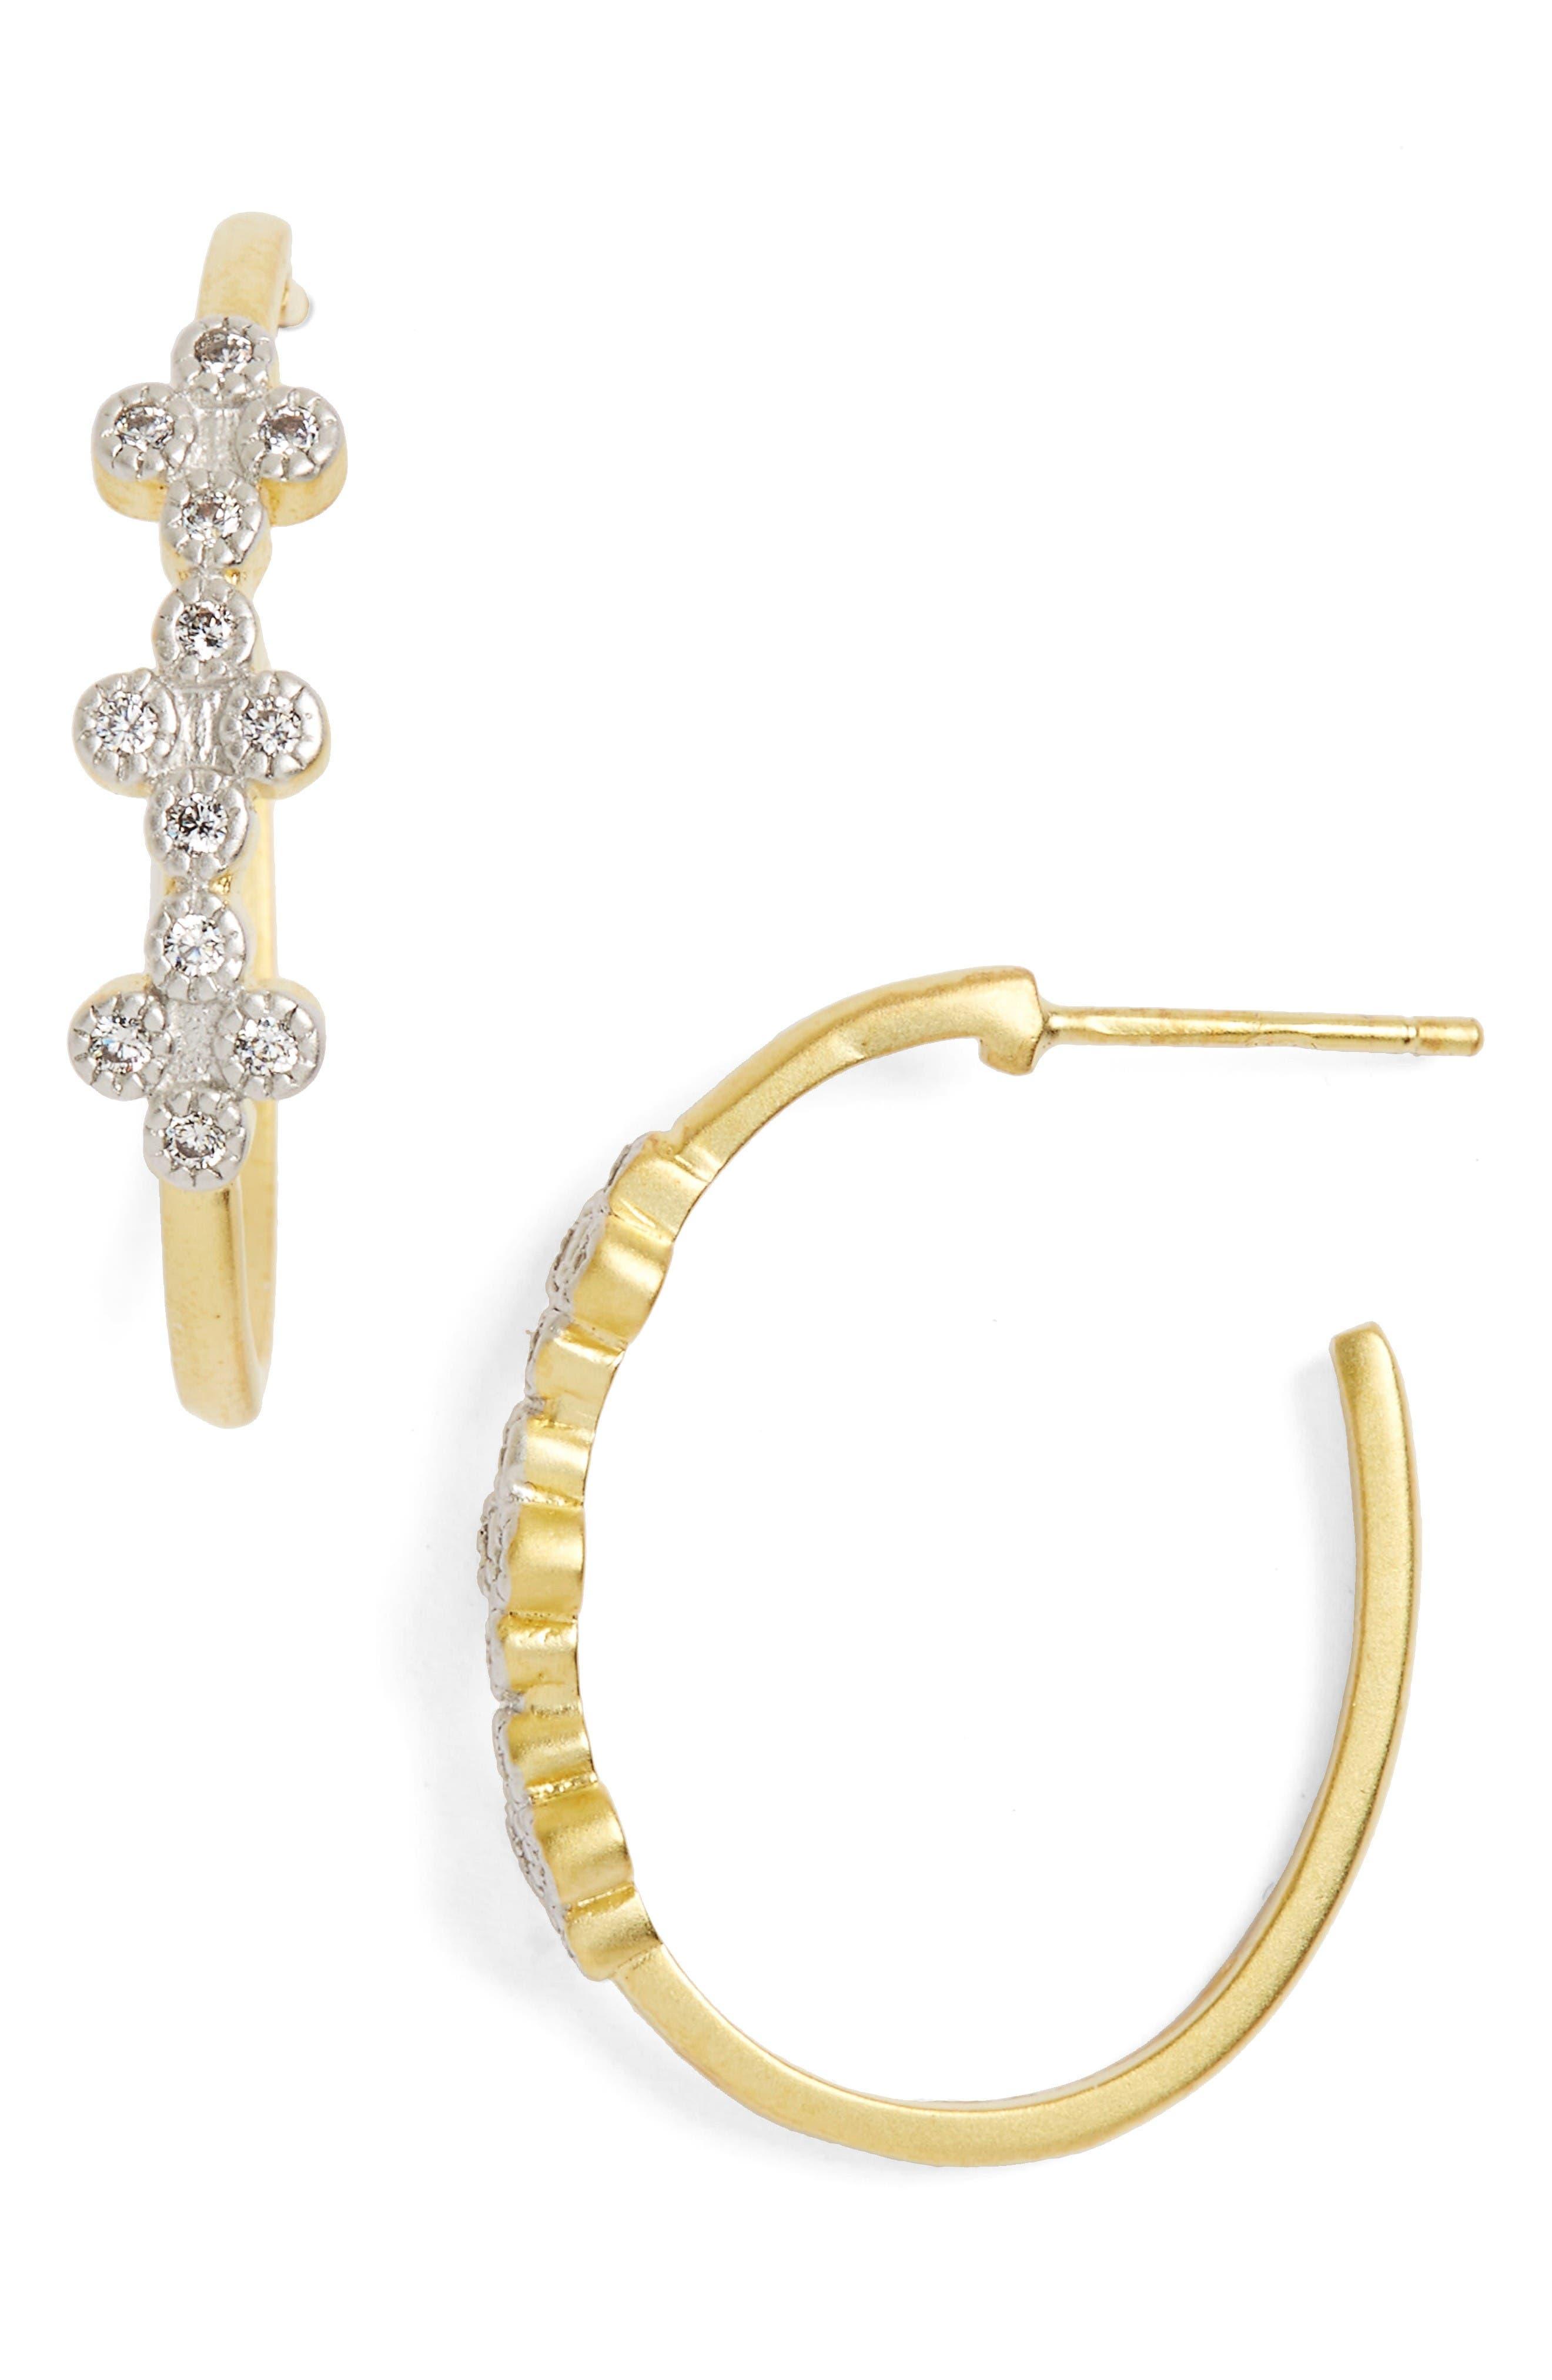 FREIDA ROTHMAN Visionary Fusion Pavé Clover Hoop Earrings